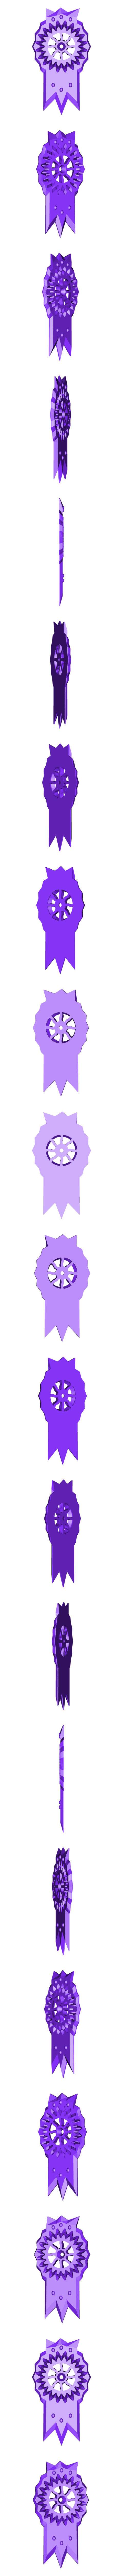 Lattice cover 4dfinal.stl Download STL file Steampunk Drawer Unit • 3D print design, Breezor